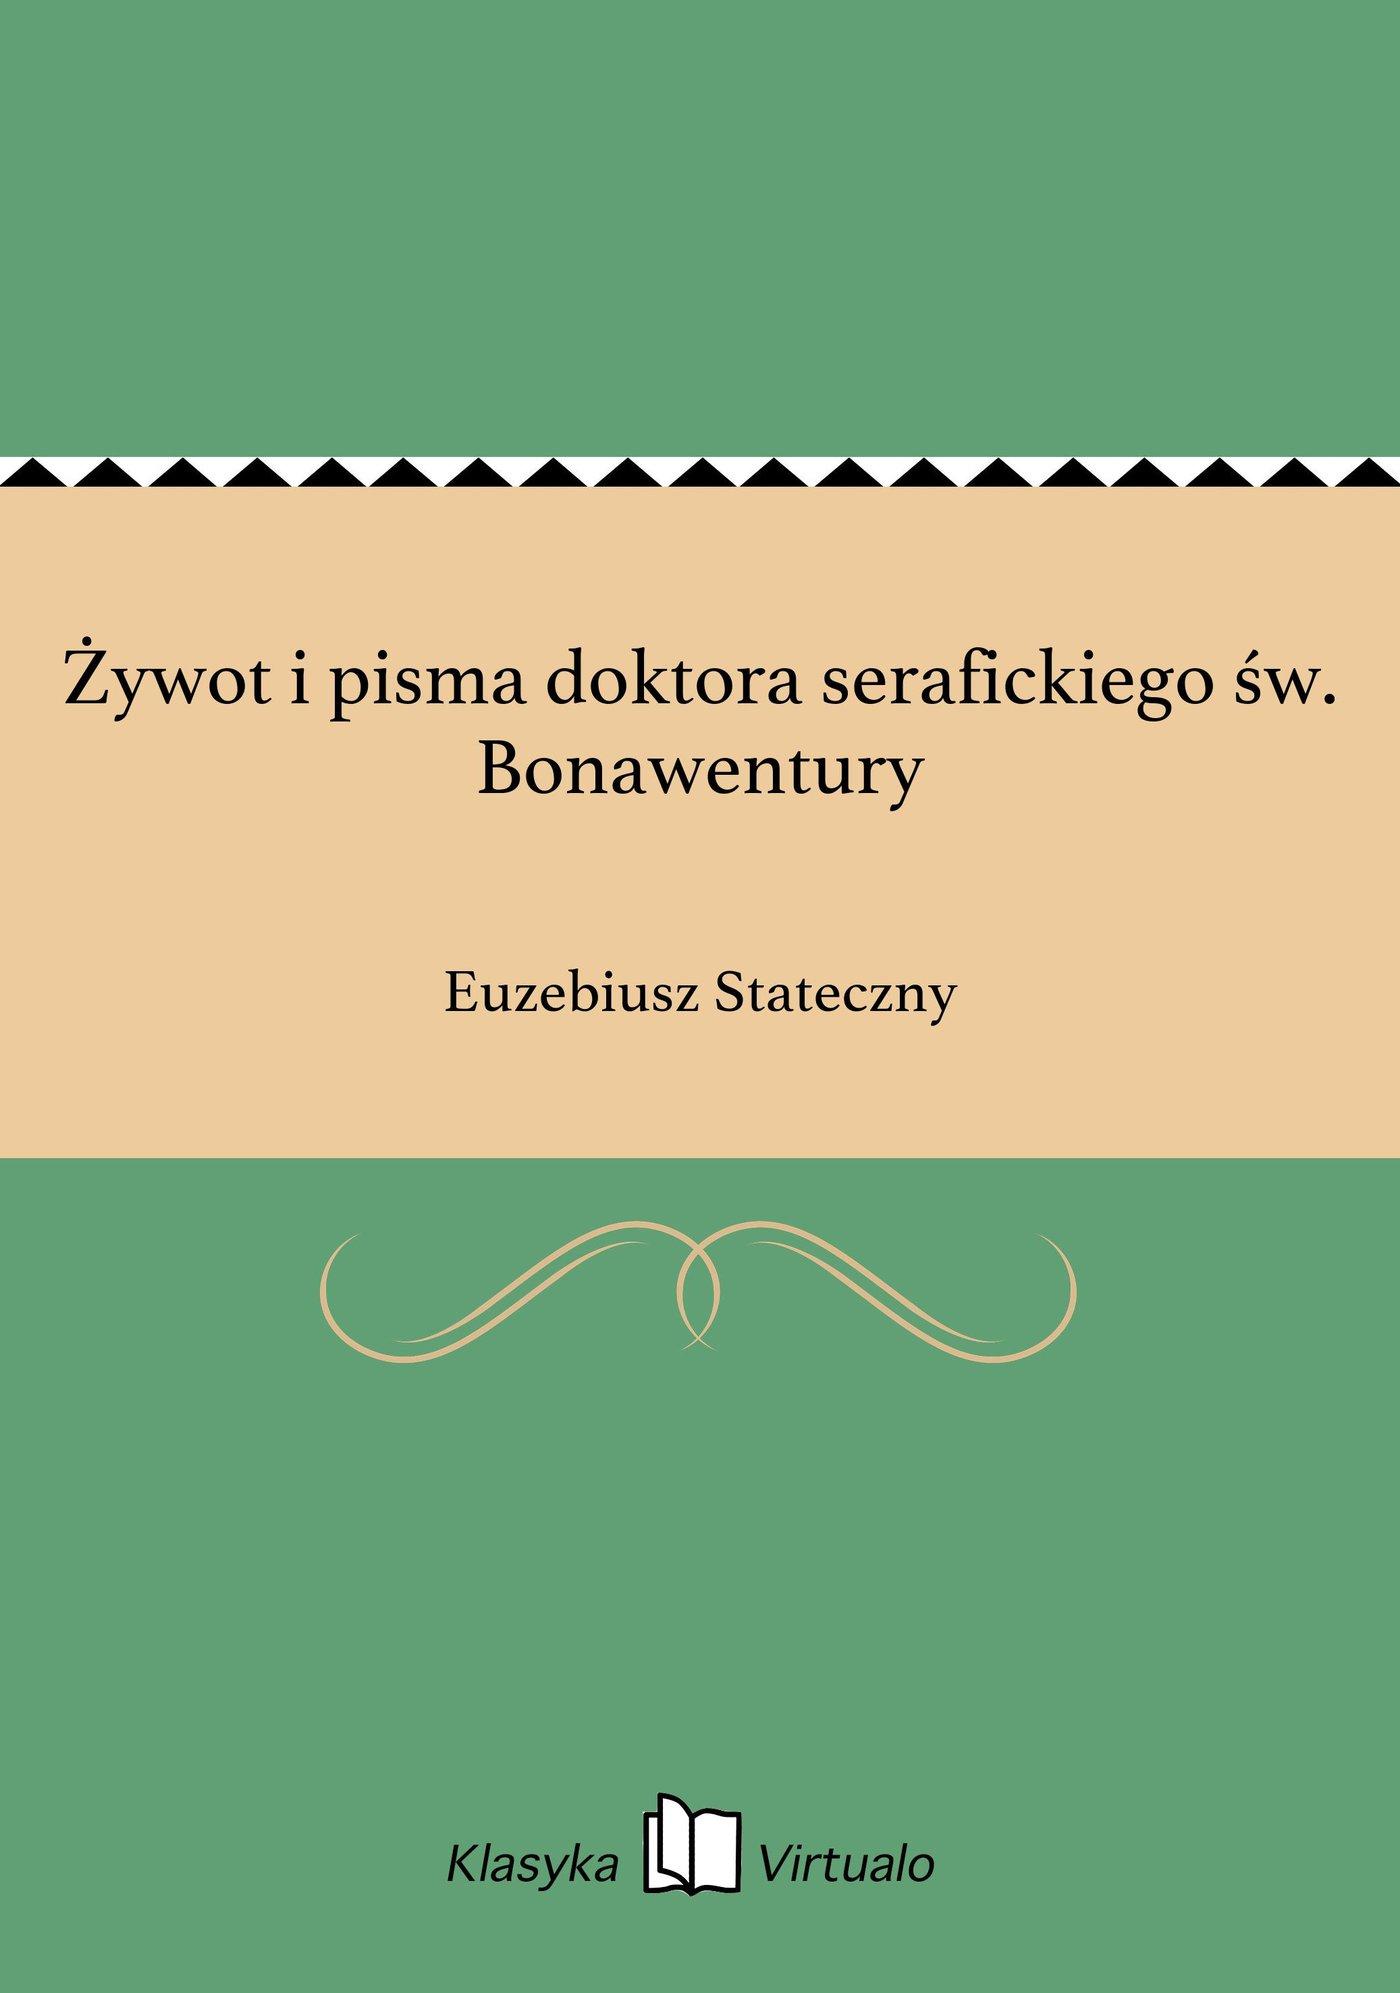 Żywot i pisma doktora serafickiego św. Bonawentury - Ebook (Książka EPUB) do pobrania w formacie EPUB